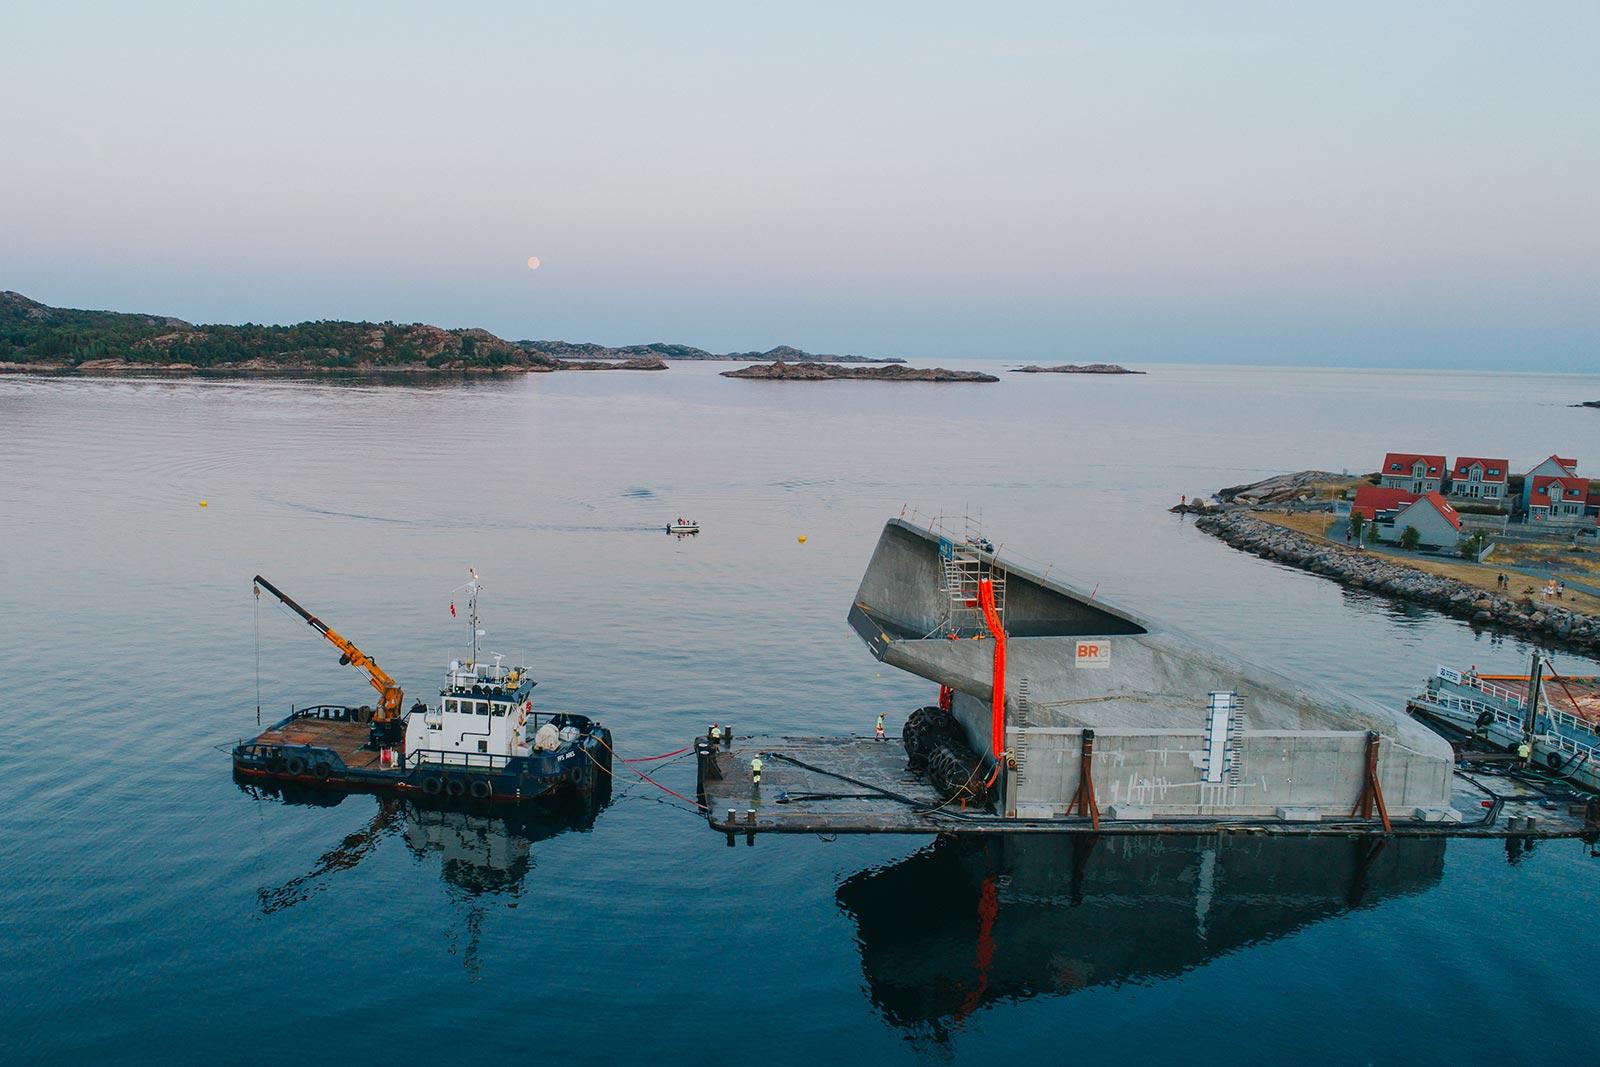 FFS Ares i aksjon under slepet av betongkonstruksjonen. Båten er senere solgt.